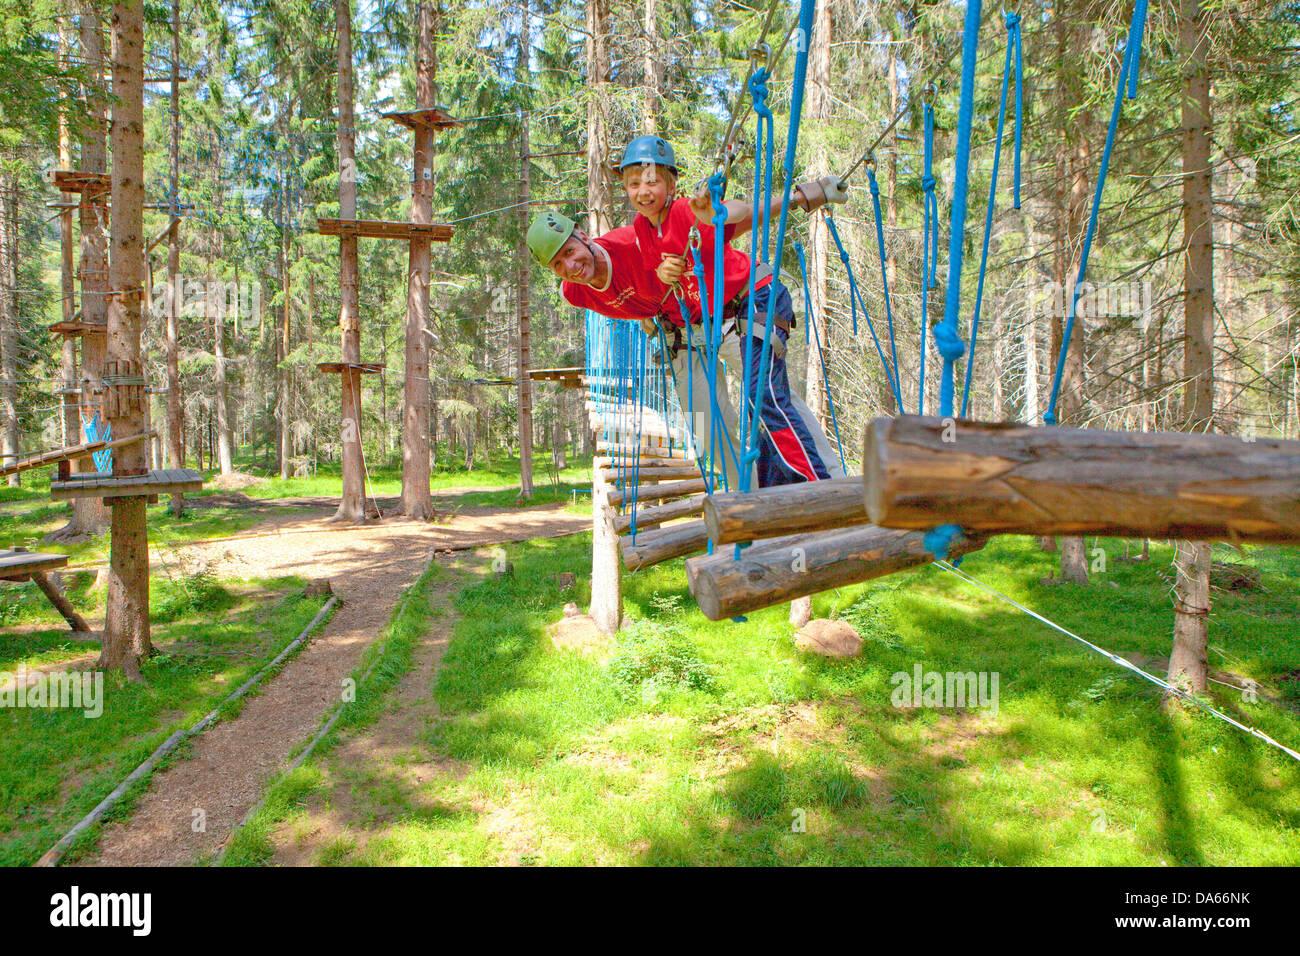 Corda park, estate sport, sport, tempo libero, divertimento, avventura, Canton, GR, Grigioni, Grigioni, arrampicata, Immagini Stock